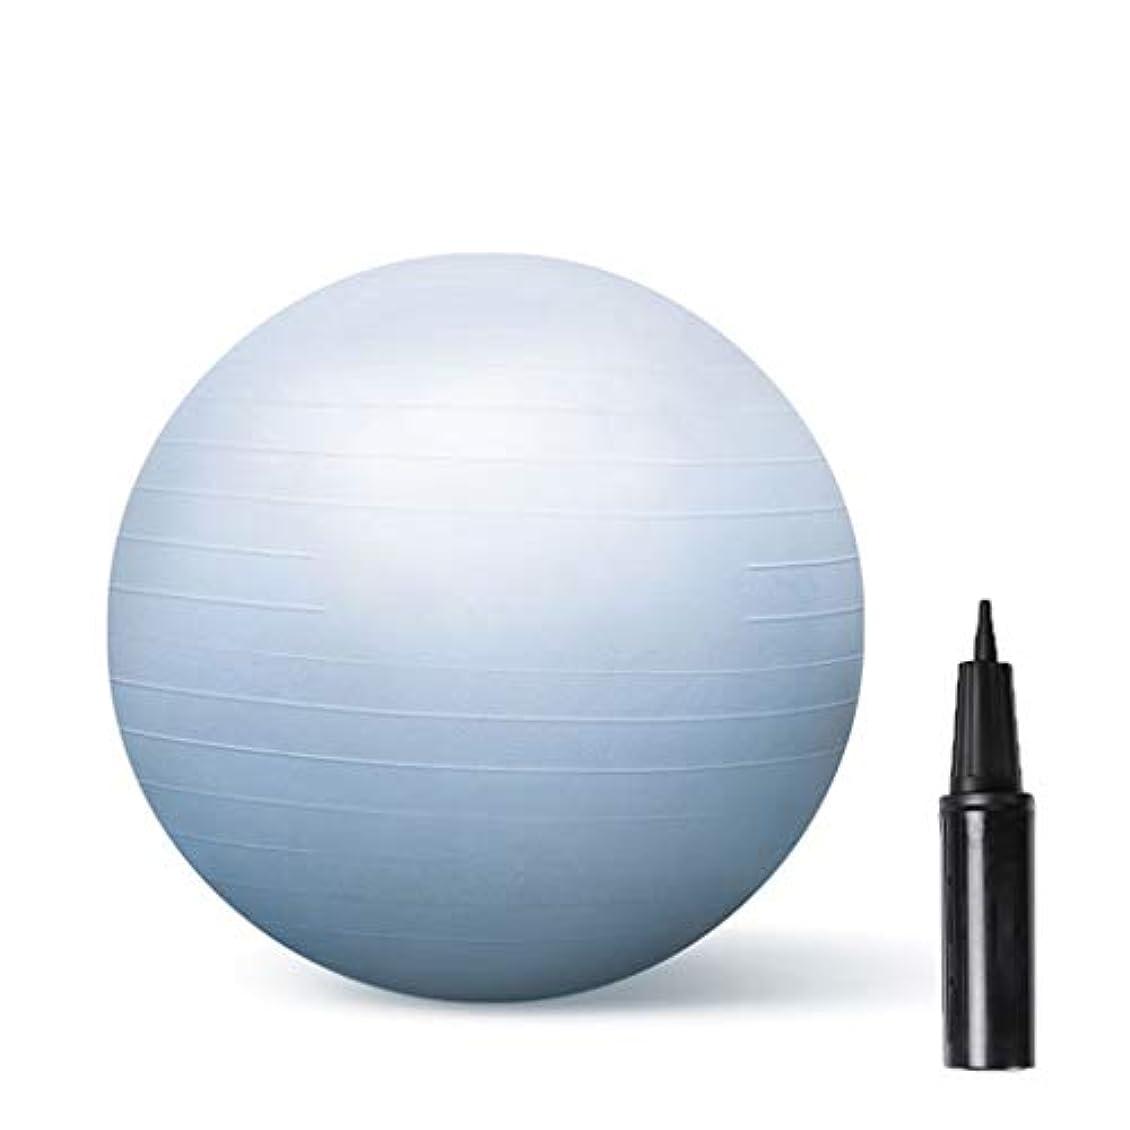 ポジションネットベーシックDHR-バランスボール エクササイズジム?ヨガスイスボールアンチバースト滑りにくいフィットネス妊娠出産ボールエアーポンプで65分の55/75センチメートル